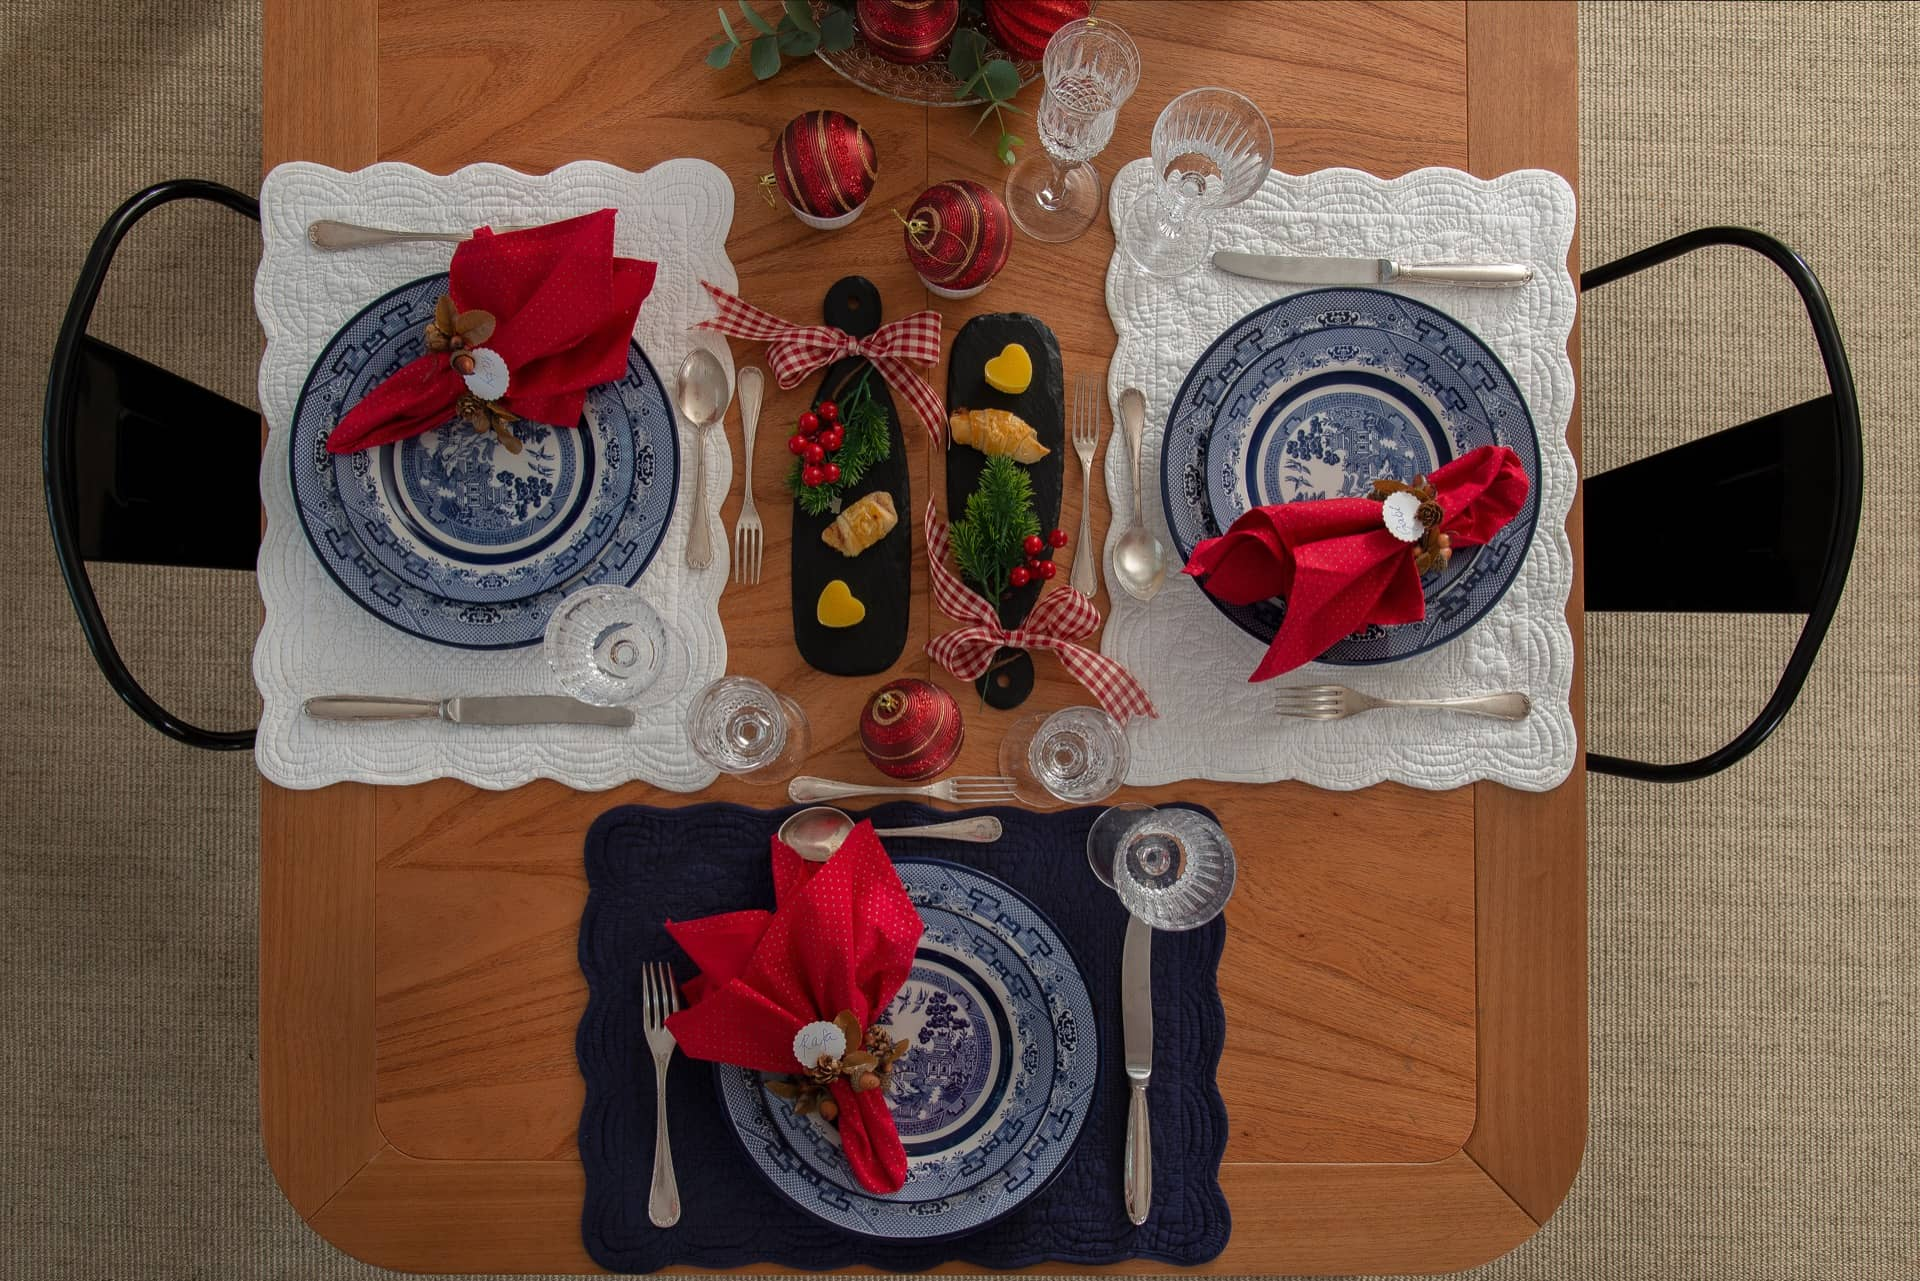 Imagem: Os jogos americanos de algodão matelassê, em branco ou azul marinho, combinam com as louças Blue Willow da Oxford Porcelanas. E contrastam com os enfeites natalinos e os guardanapos vermelhos. Foto: Cacá Bratke